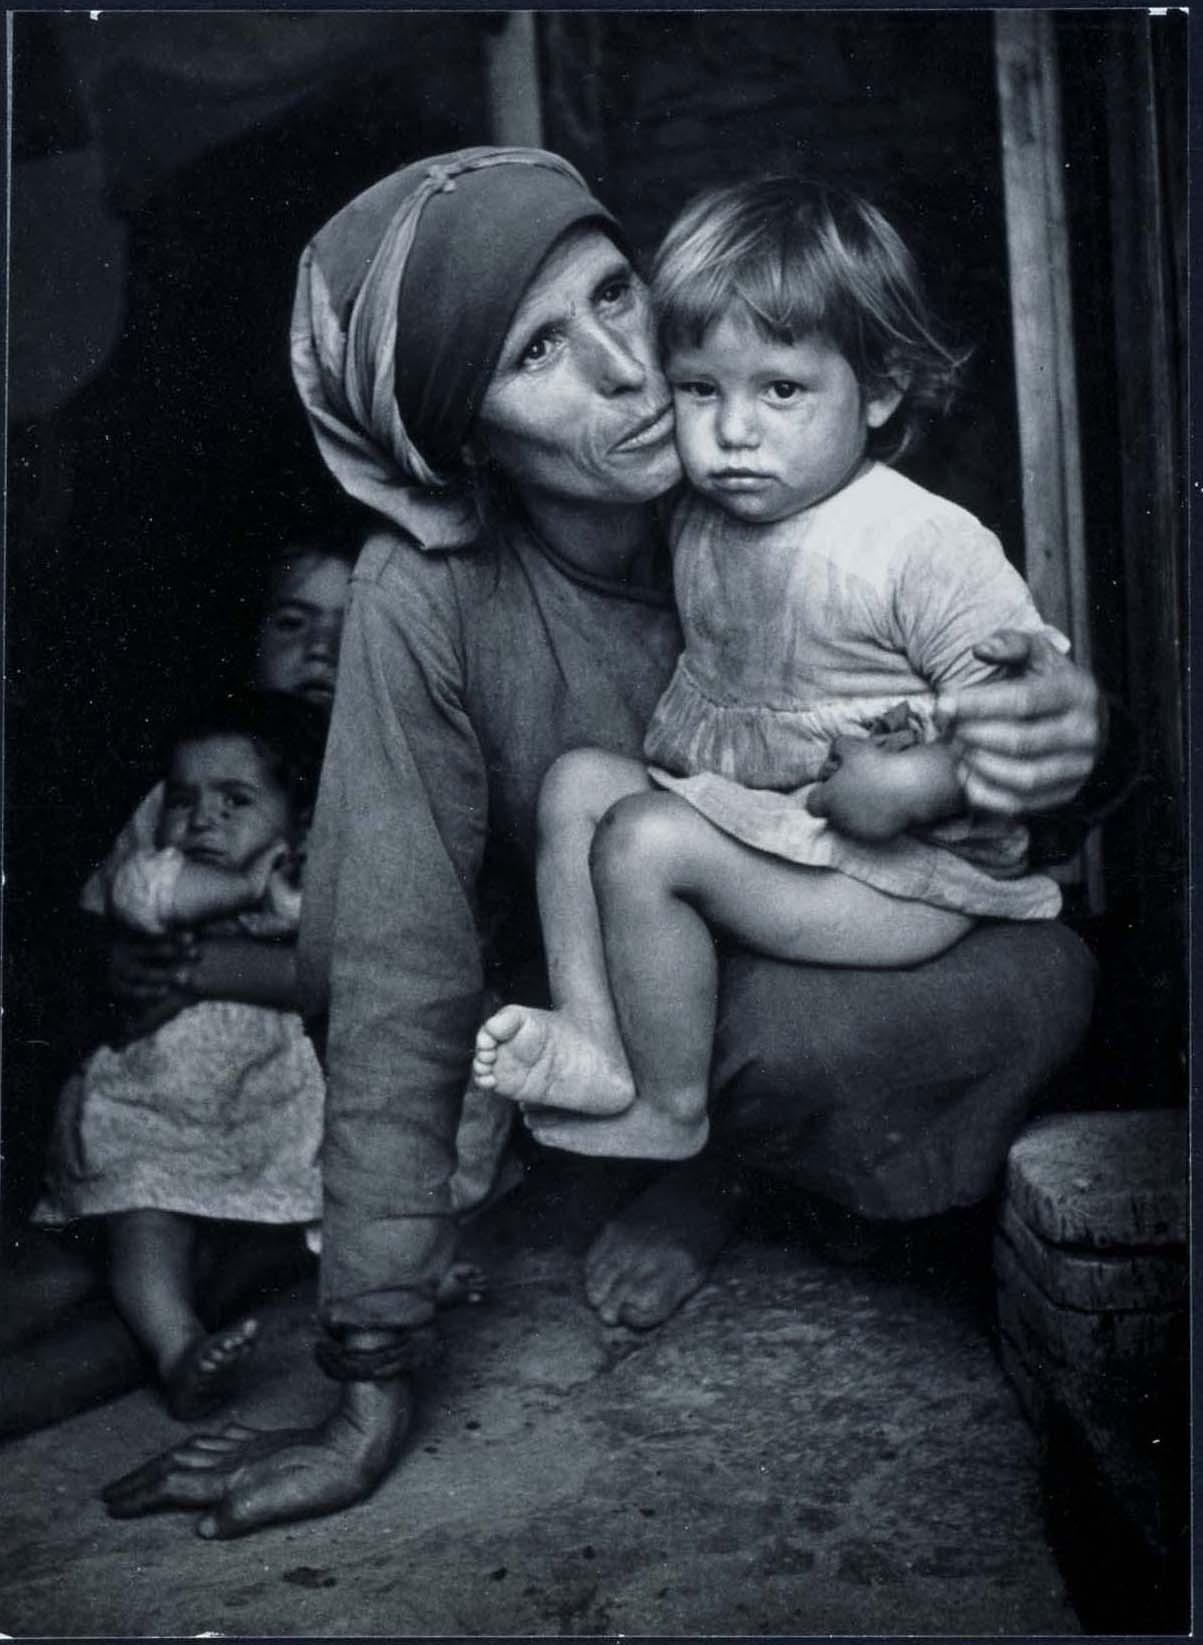 14 madre e hijo - photo #39